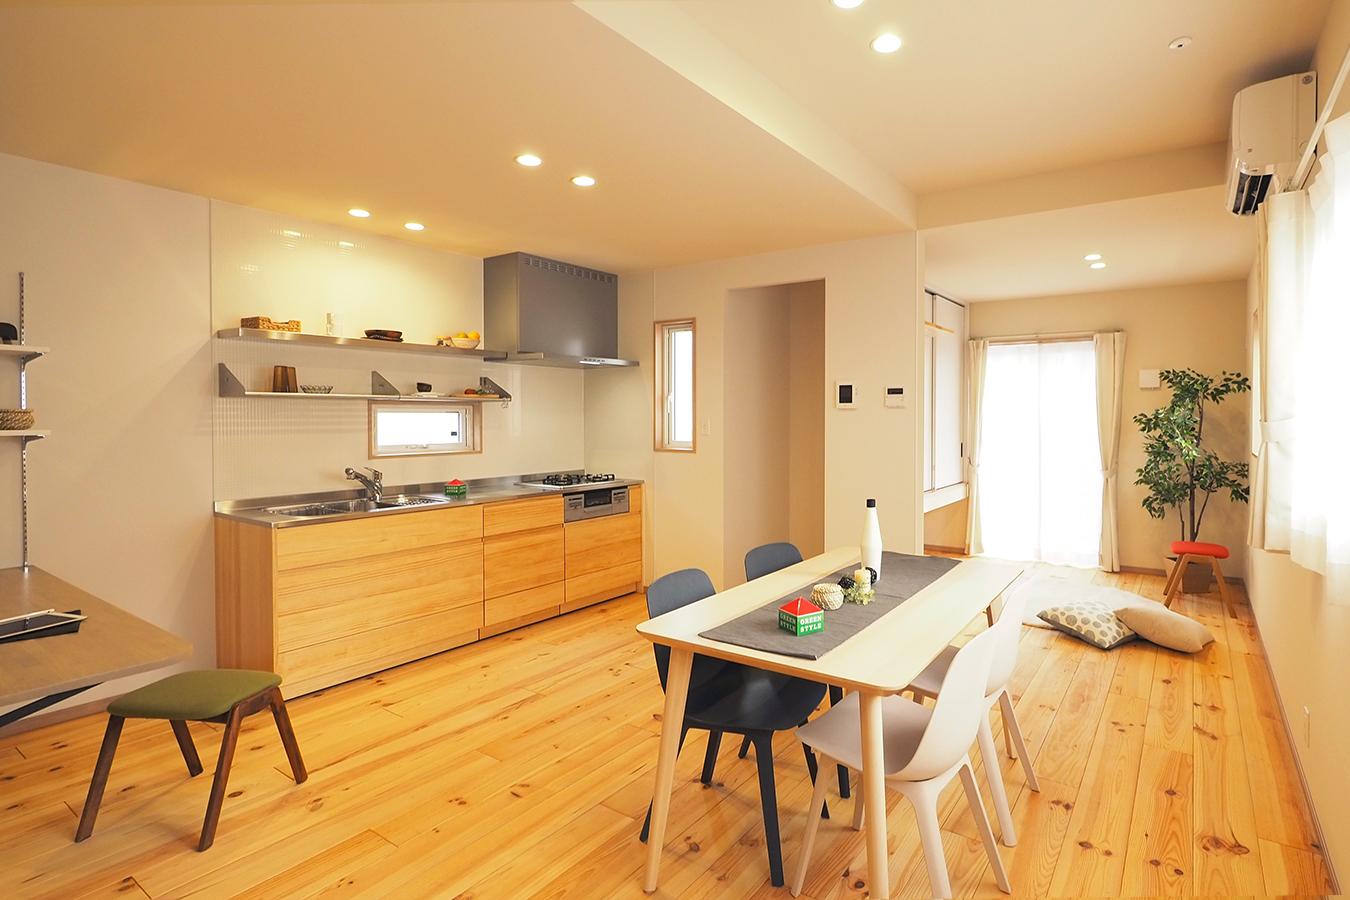 グリーンスタイル完成見学会 実家の敷地内に建てた自然素材の家 キッチン・ダイニング 無垢のパインの床材がナチュラルな雰囲気をつくり出します。